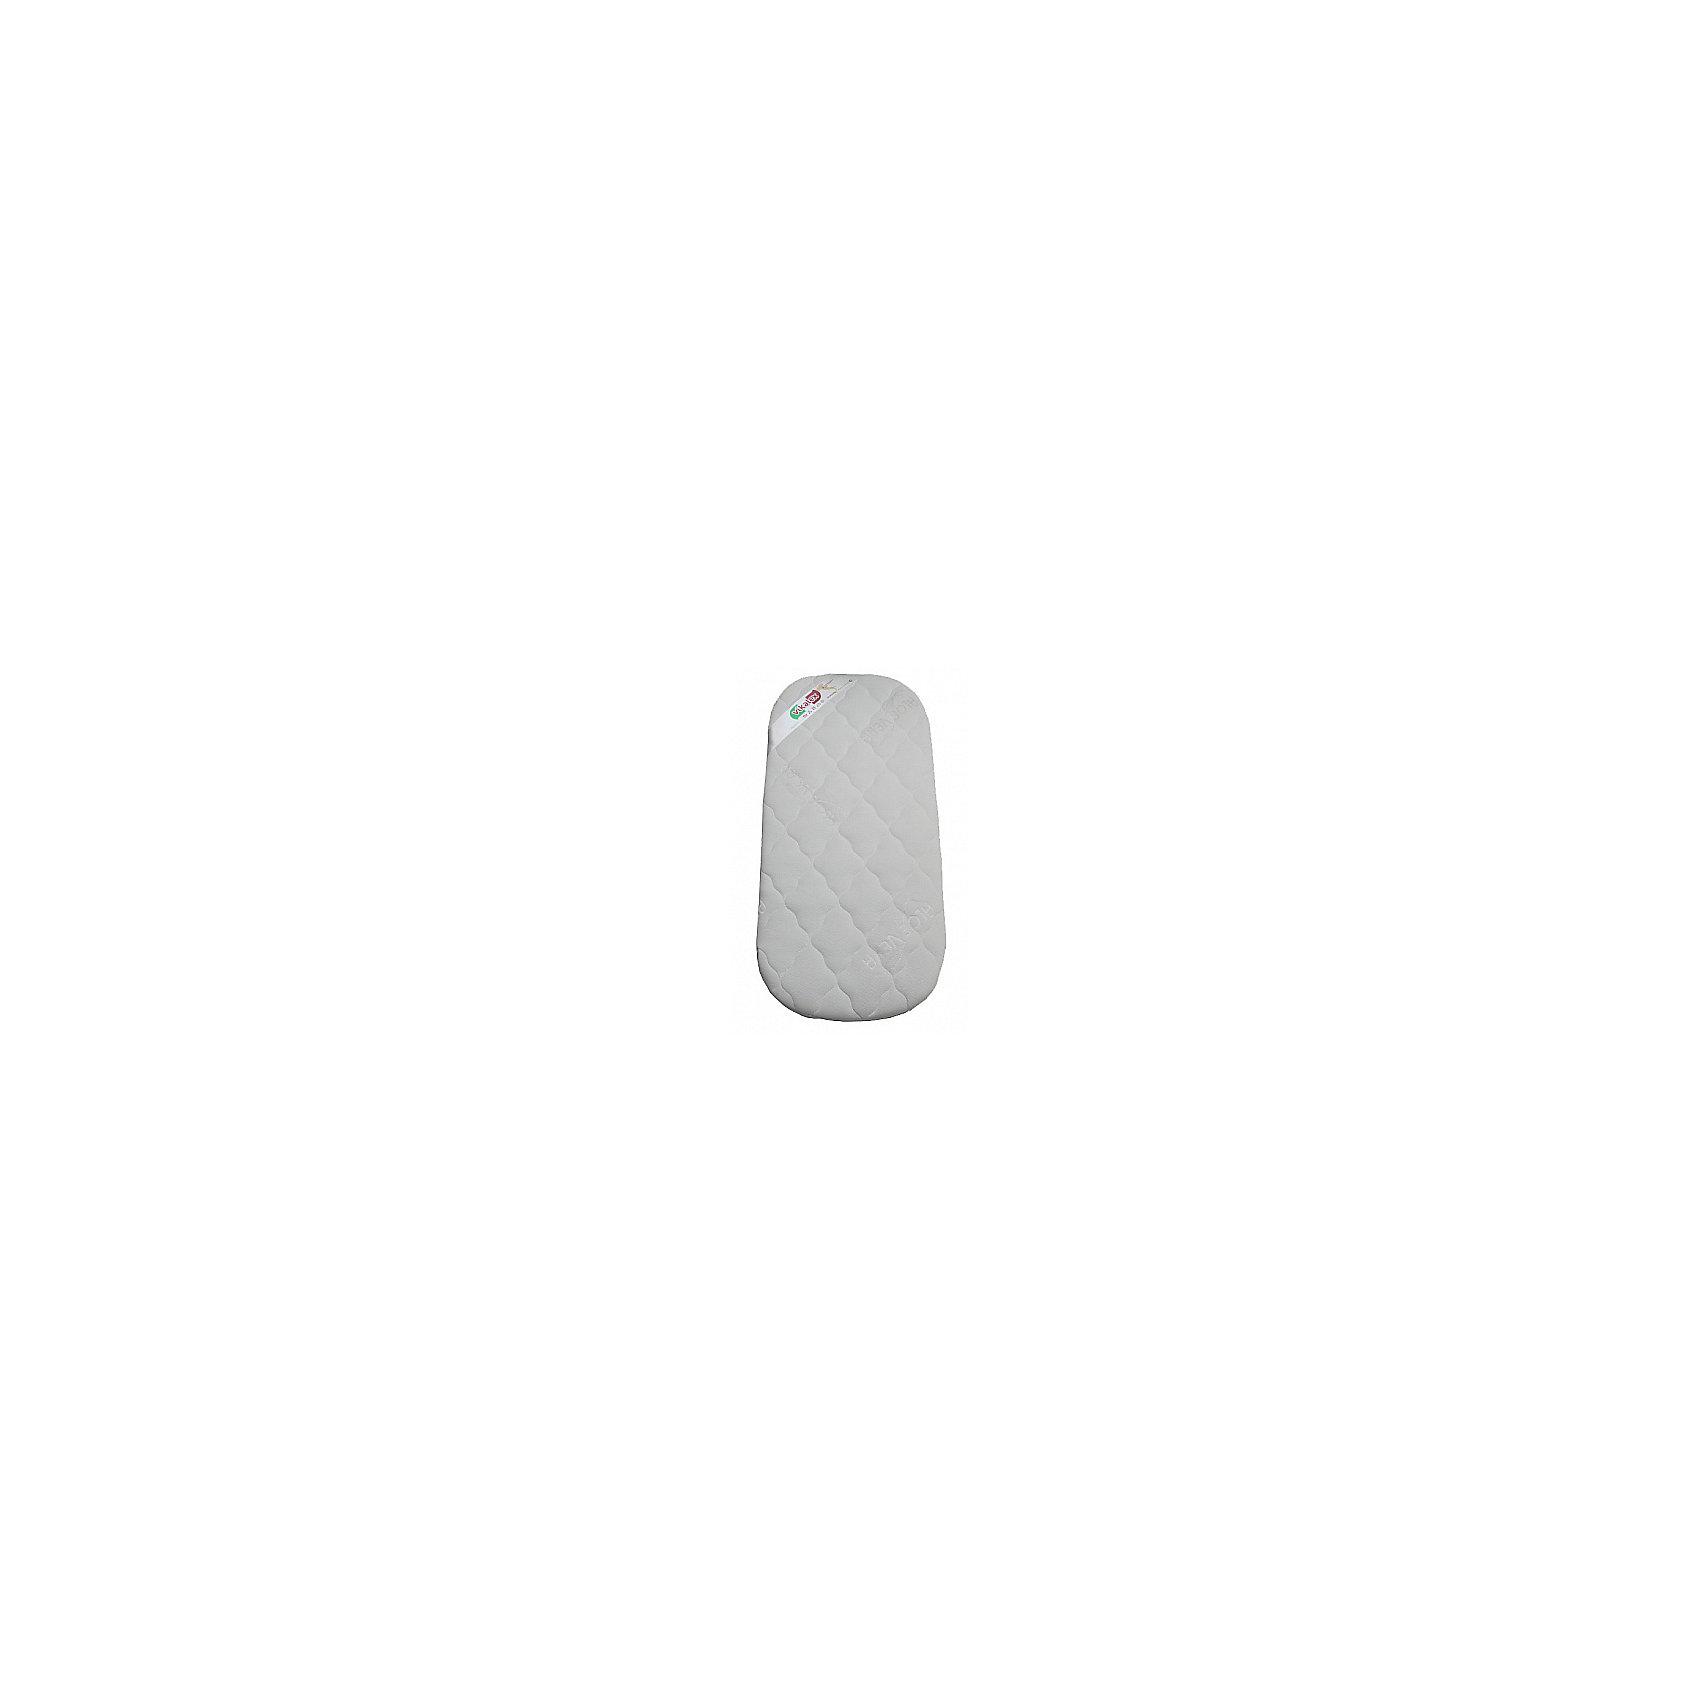 Матрас Римини овальный 125х65, VikalexХарактеристики:<br><br>• двусторонний матрас в детскую кроватку;<br>• размер матраса: 125х65х14 см;<br>• материал: кокосовое волокно, латекс, нетканый материал Airotek;<br>• чехол с пропиткой алоэ-вера с защитой от клещей;<br>• стеганый чехол (ткань Stress Free) на молнии;<br>• чехол можно снять и постирать при температуре 30 градусов;<br>• вес матраса: 4,6 кг.<br><br>Матрас разной степени жесткости дает возможность укладывать ребенка на ровное жесткое основание, для формирования правильной осанки. Матрас гарантирует комфорт и при этом анатомически правильную поддержку позвоночника ребенка - это крайне важно, ведь в первые месяцы жизни малыша закладывается динамика развития систем органов. Эластичность и прочность матраса наряду с гипоаллергенностью и воздухопроницаемостью отвечает самым высоким европейским стандартам.  <br><br>Матрас Римини овальный 125х65, Vikalex можно купить в нашем магазине.<br><br>Ширина мм: 590<br>Глубина мм: 130<br>Высота мм: 590<br>Вес г: 3200<br>Возраст от месяцев: 0<br>Возраст до месяцев: 36<br>Пол: Унисекс<br>Возраст: Детский<br>SKU: 5353869